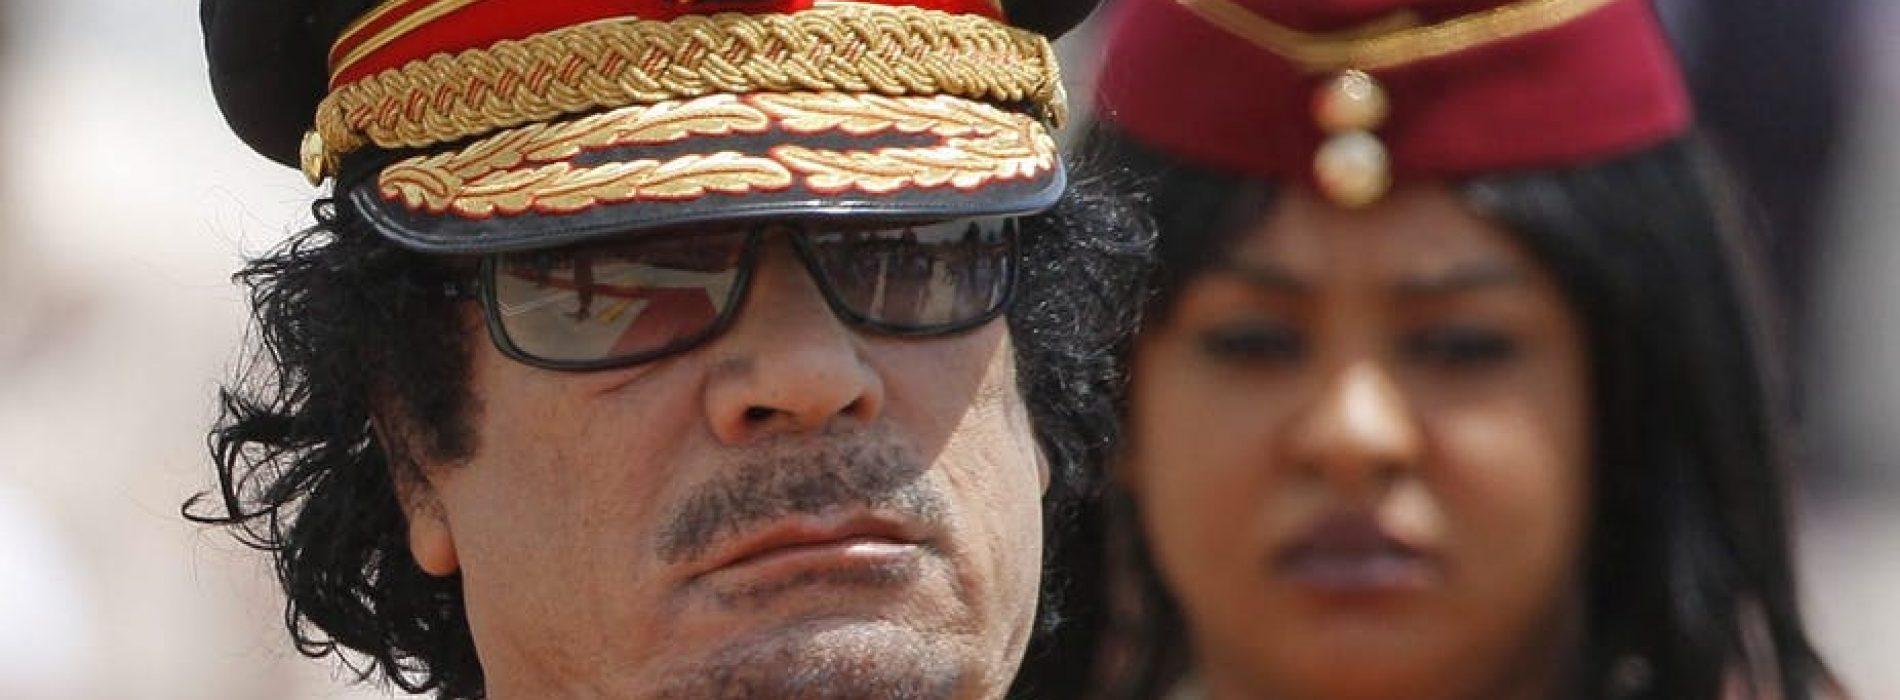 Colonel Gaddafi's Libya (and mine): Part 5